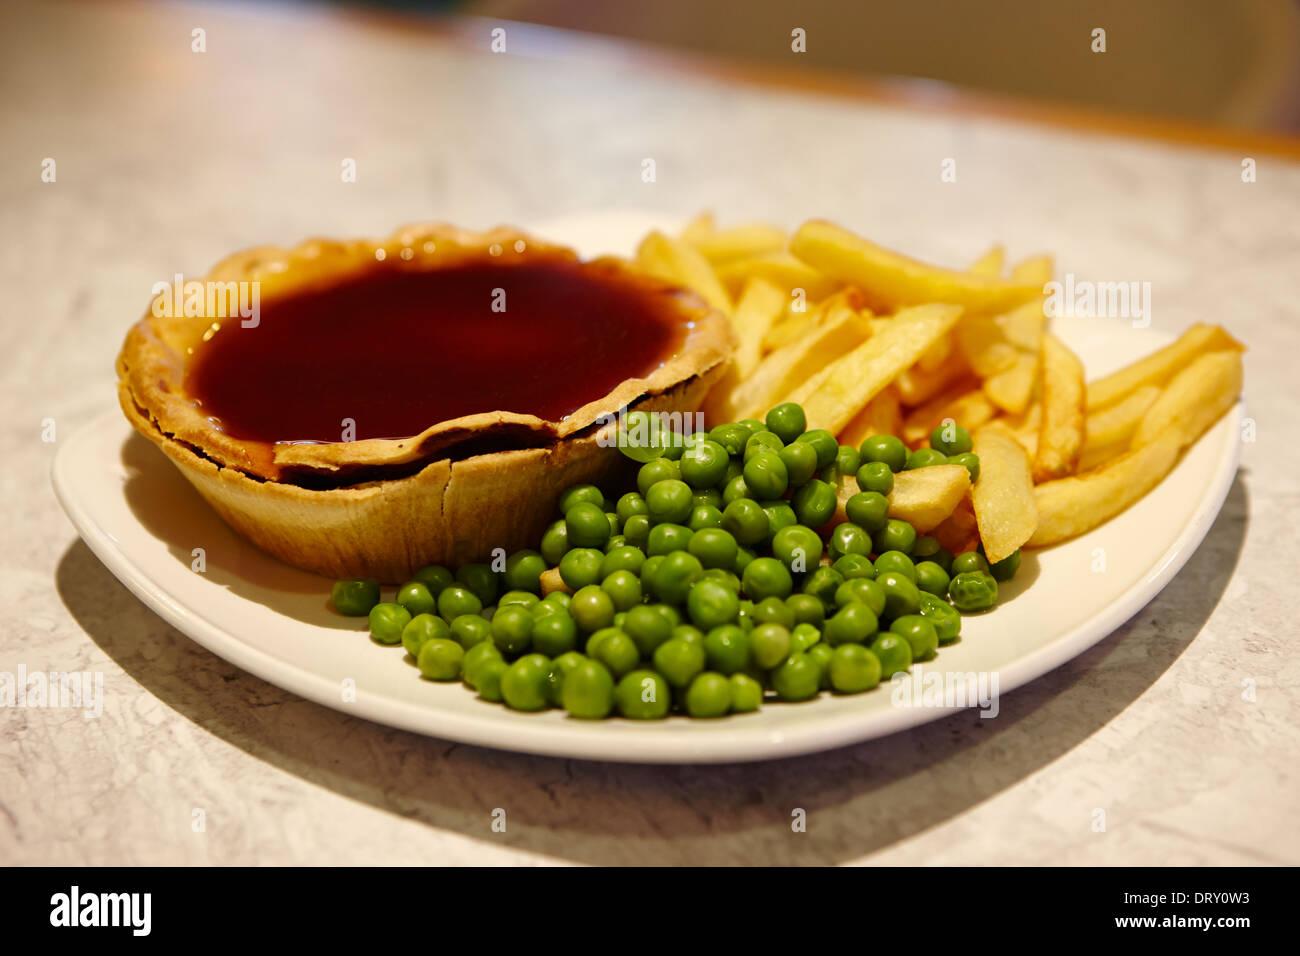 Pie et sauce frites et petits pois Banque D'Images